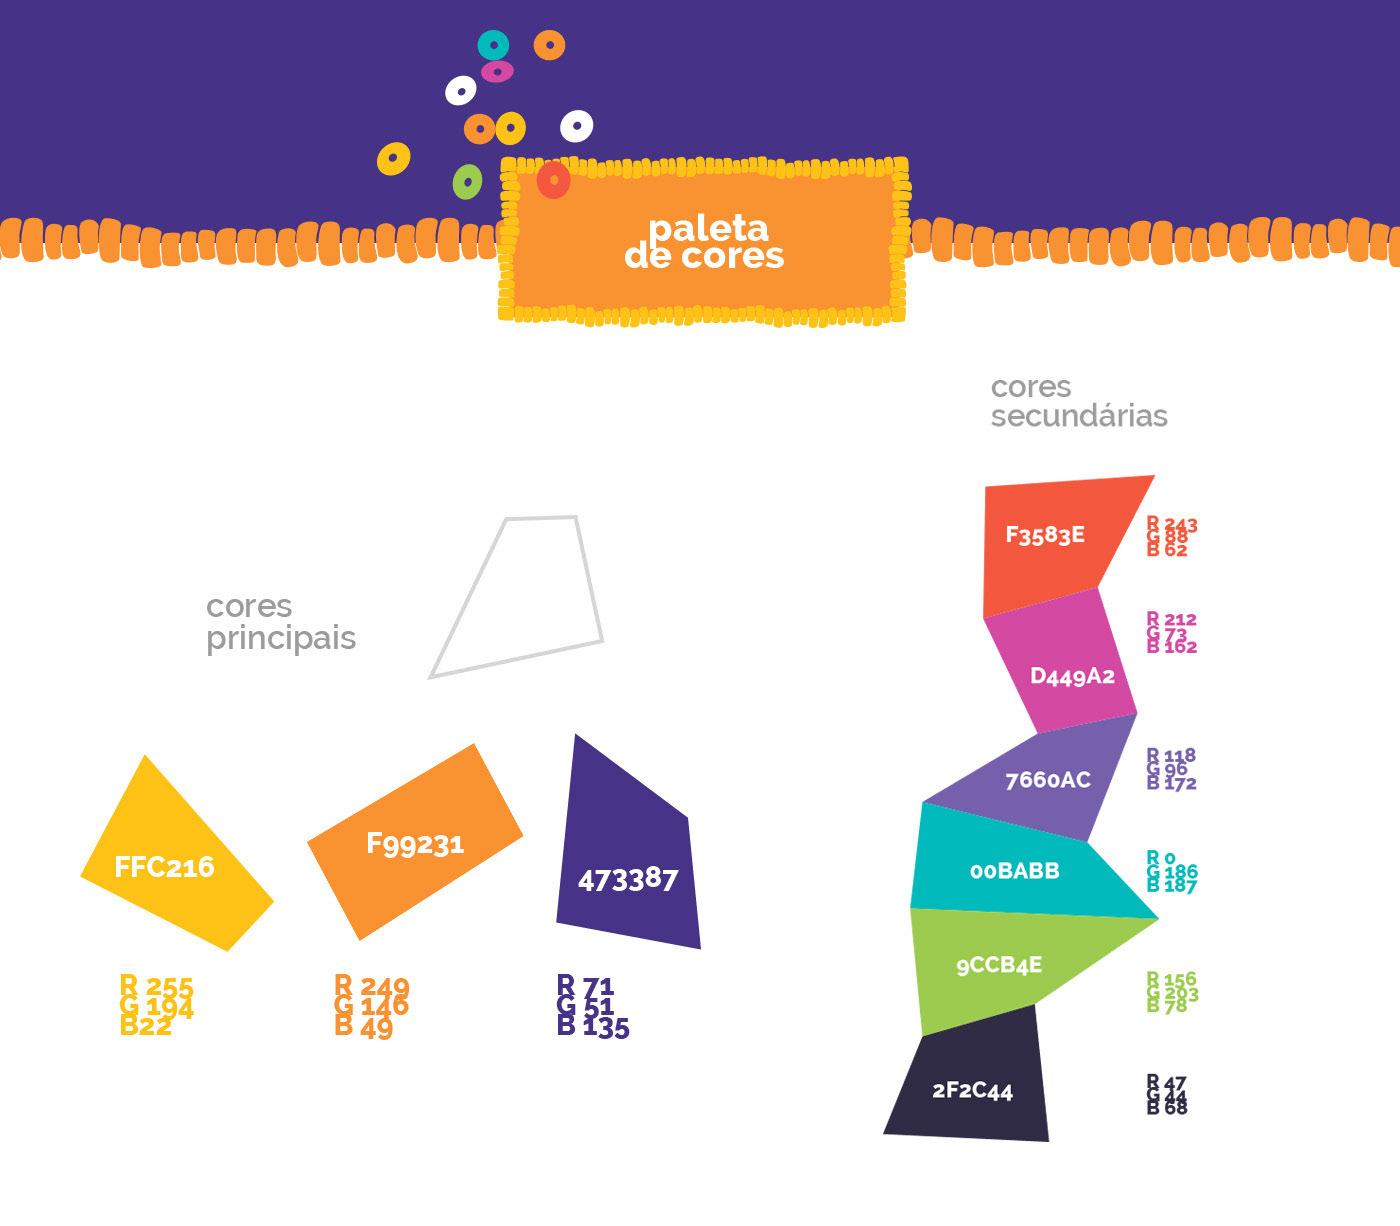 branding ,brasilia,Carnaval,carnavalnoparque,design,Evento,festival,graphicdesign,identidadevisual,musica